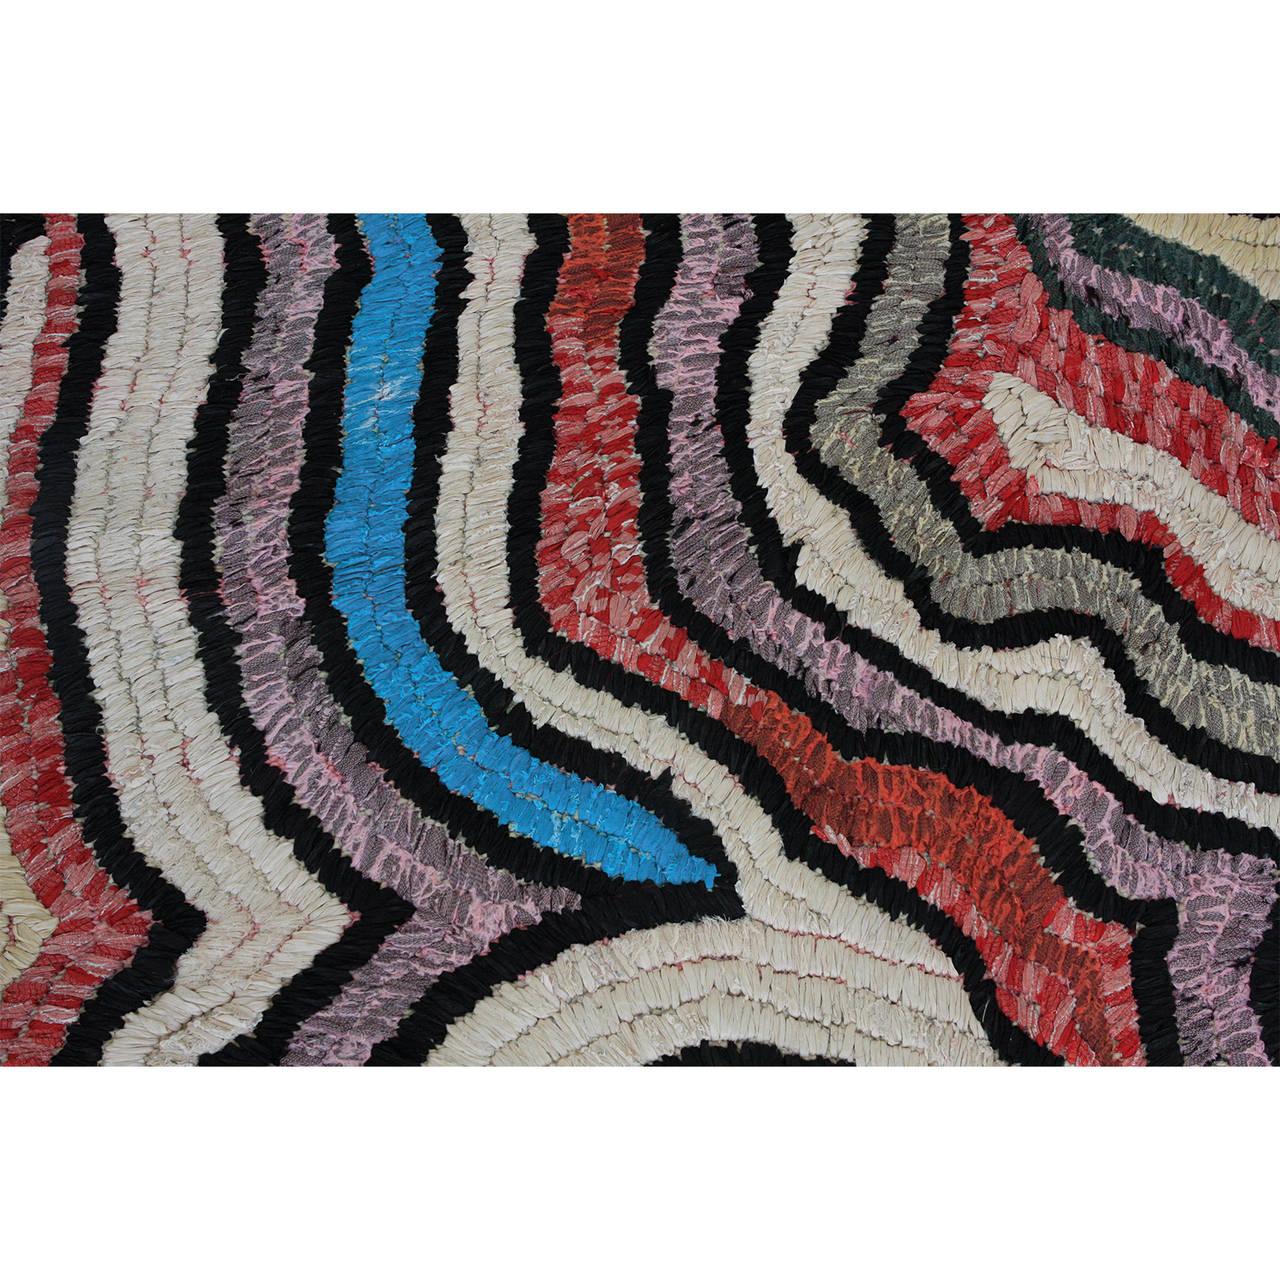 Maroc Tribal Rug: Moroccan Tribal Rag Rug For Sale At 1stdibs